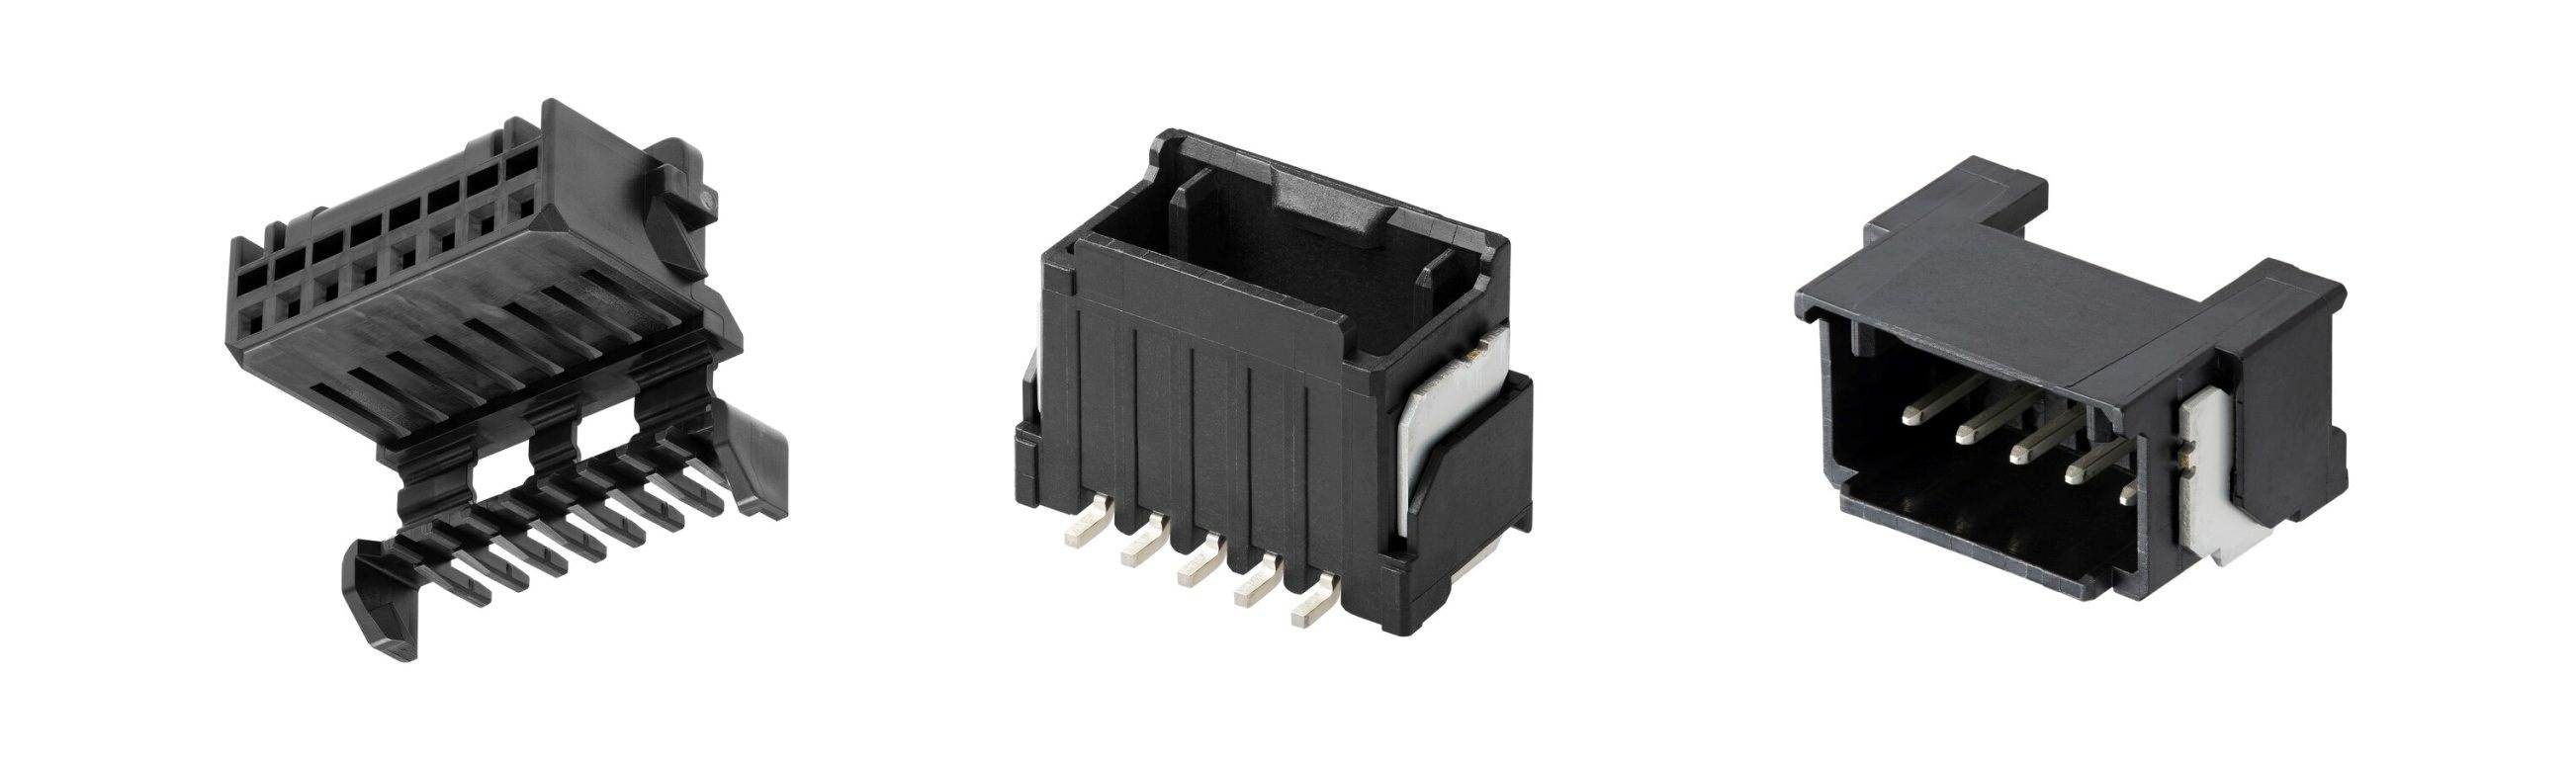 一体型のハーネスロック機構を備えたMicro-One電線対基板用コネクターを発表